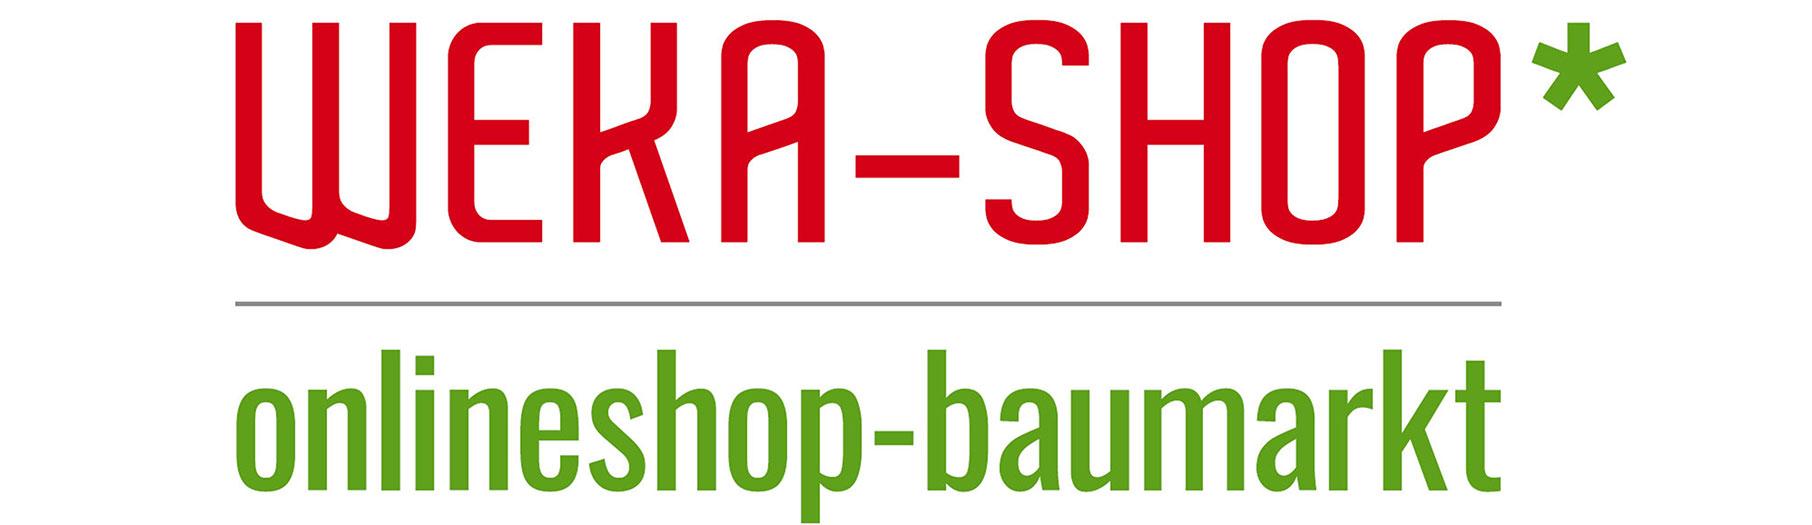 osb onlineshop-baumarkt gmbh